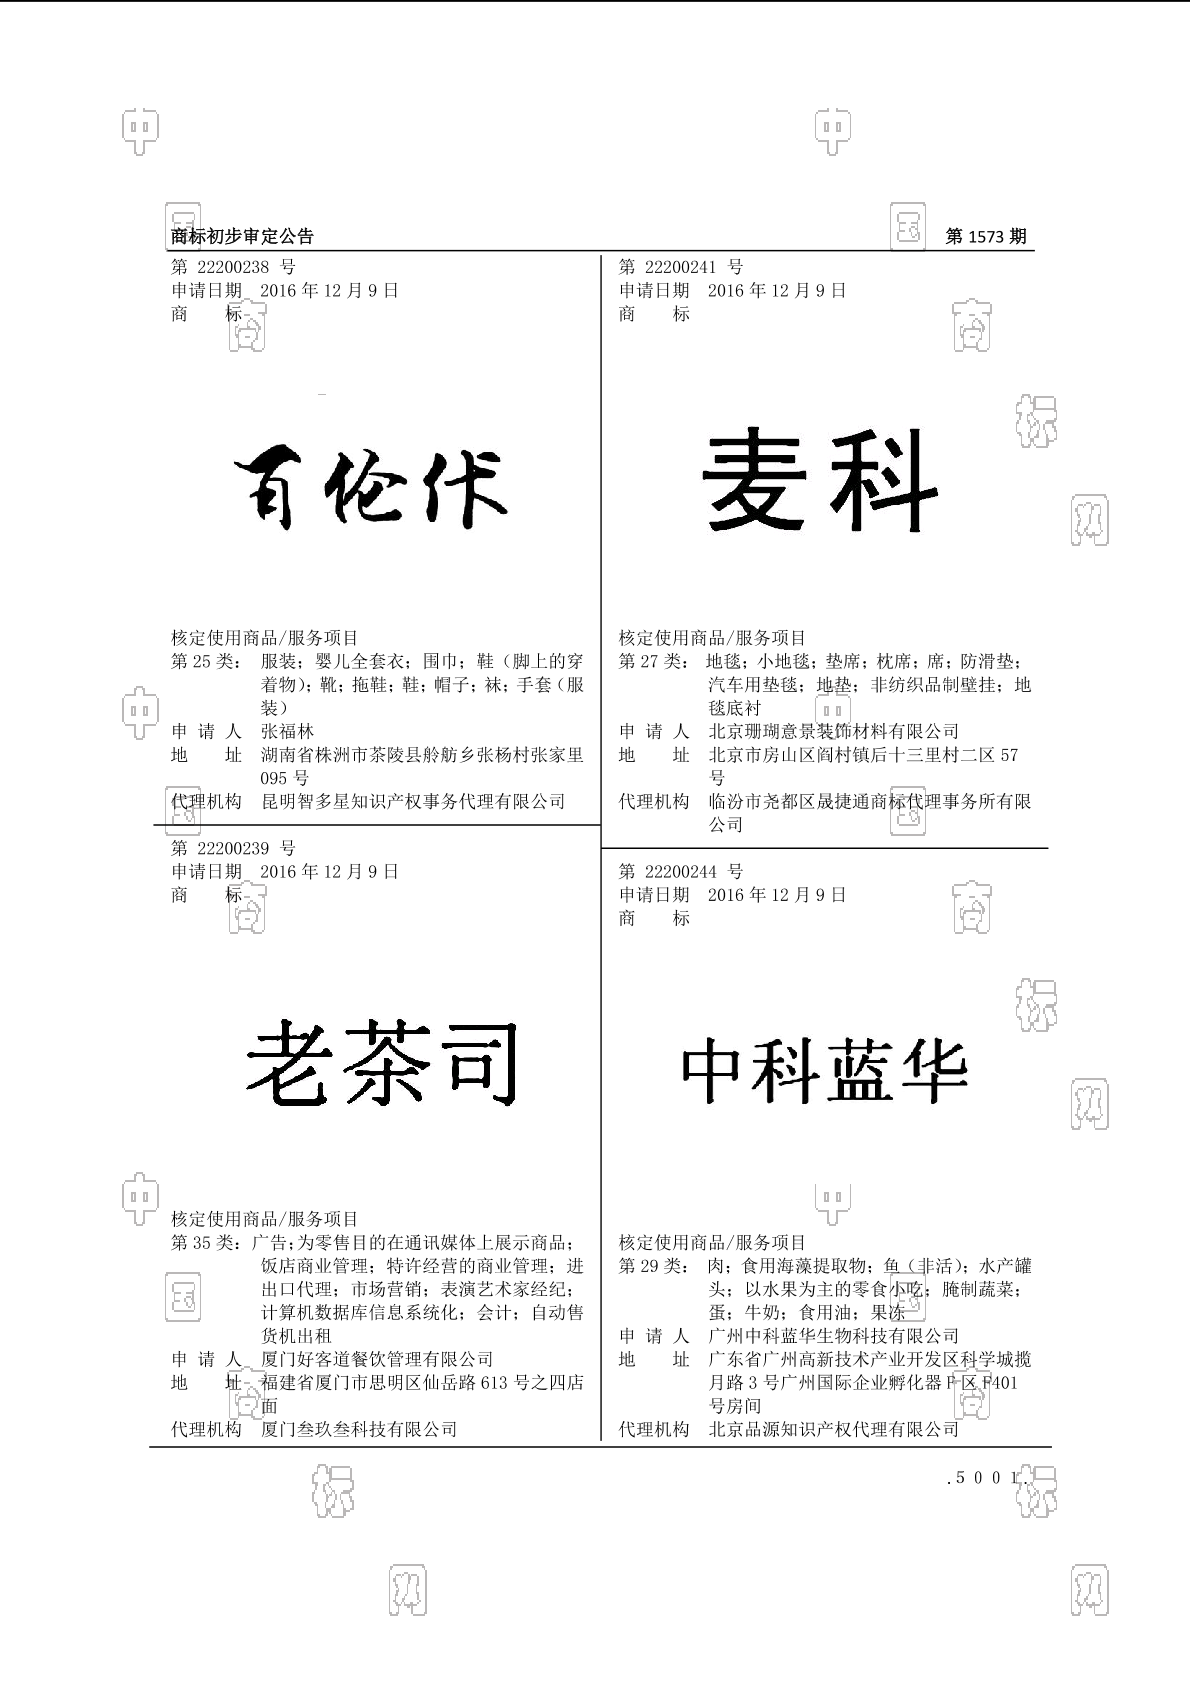 【社标网】百伦佧商标状态注册号信息 张福林商标信息-商标查询